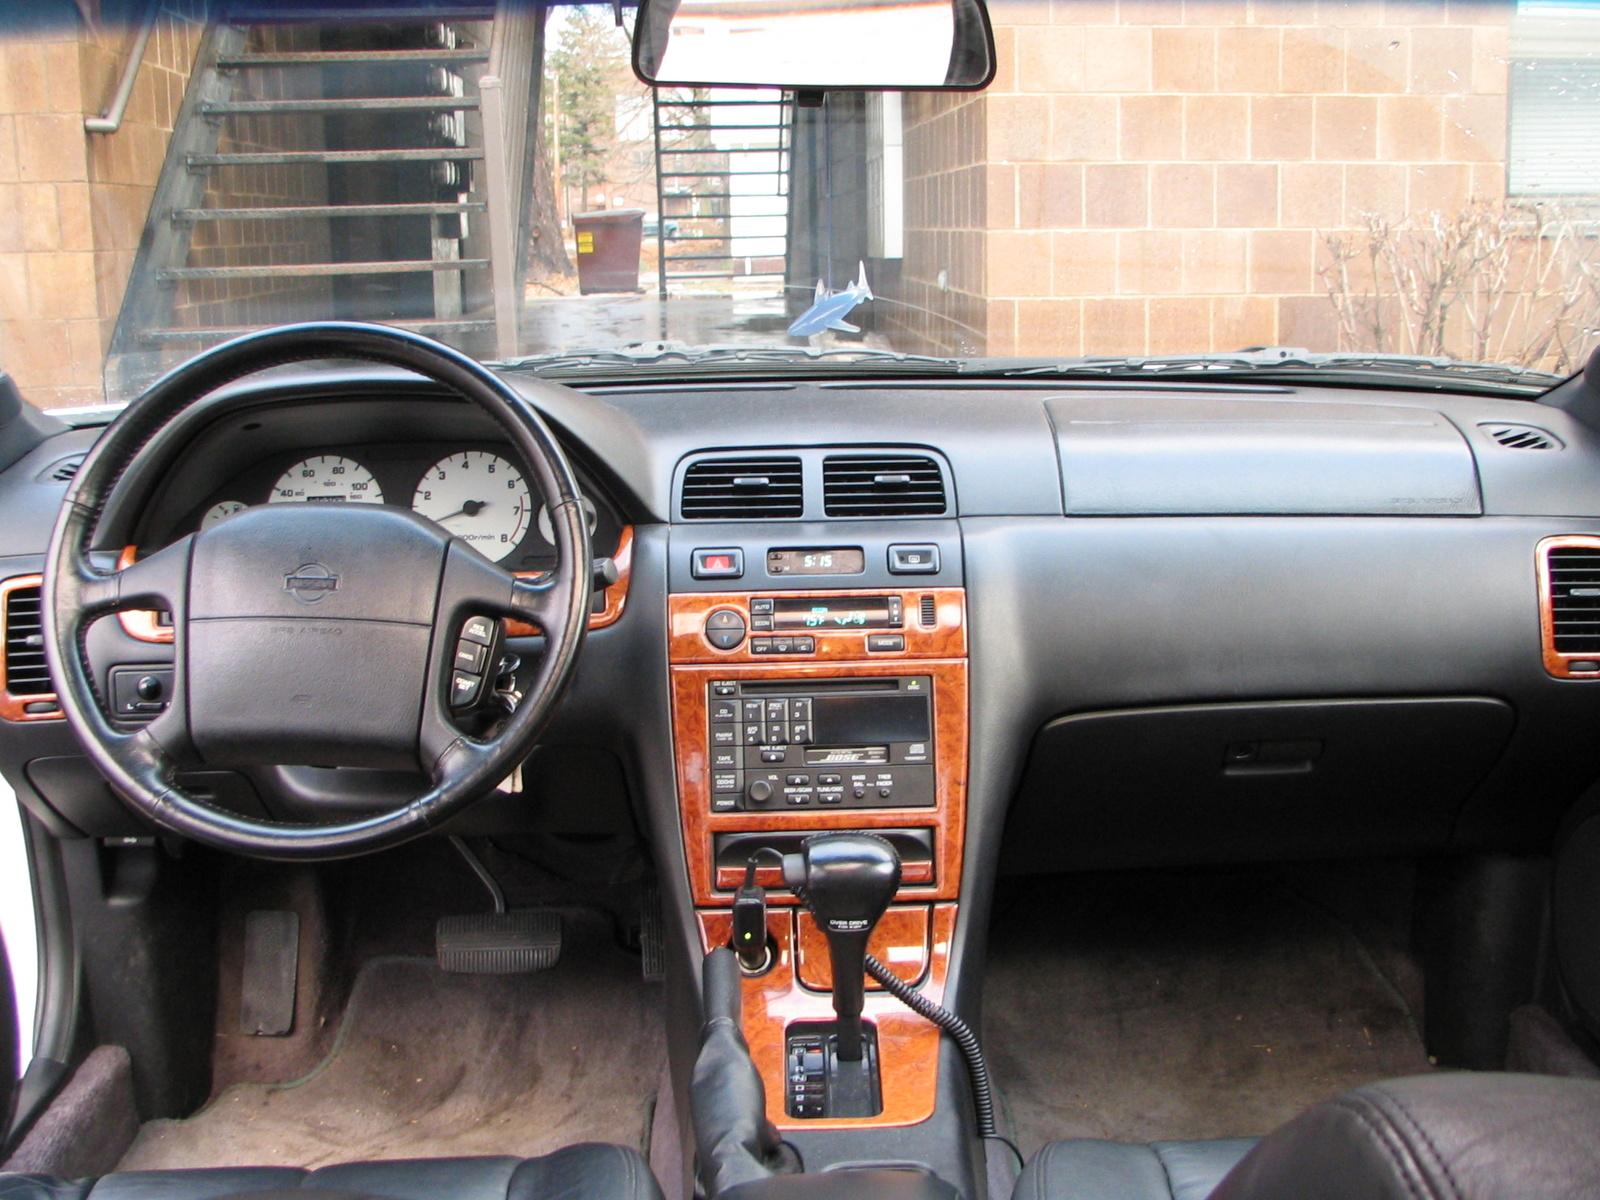 1996 Nissan Maxima 4